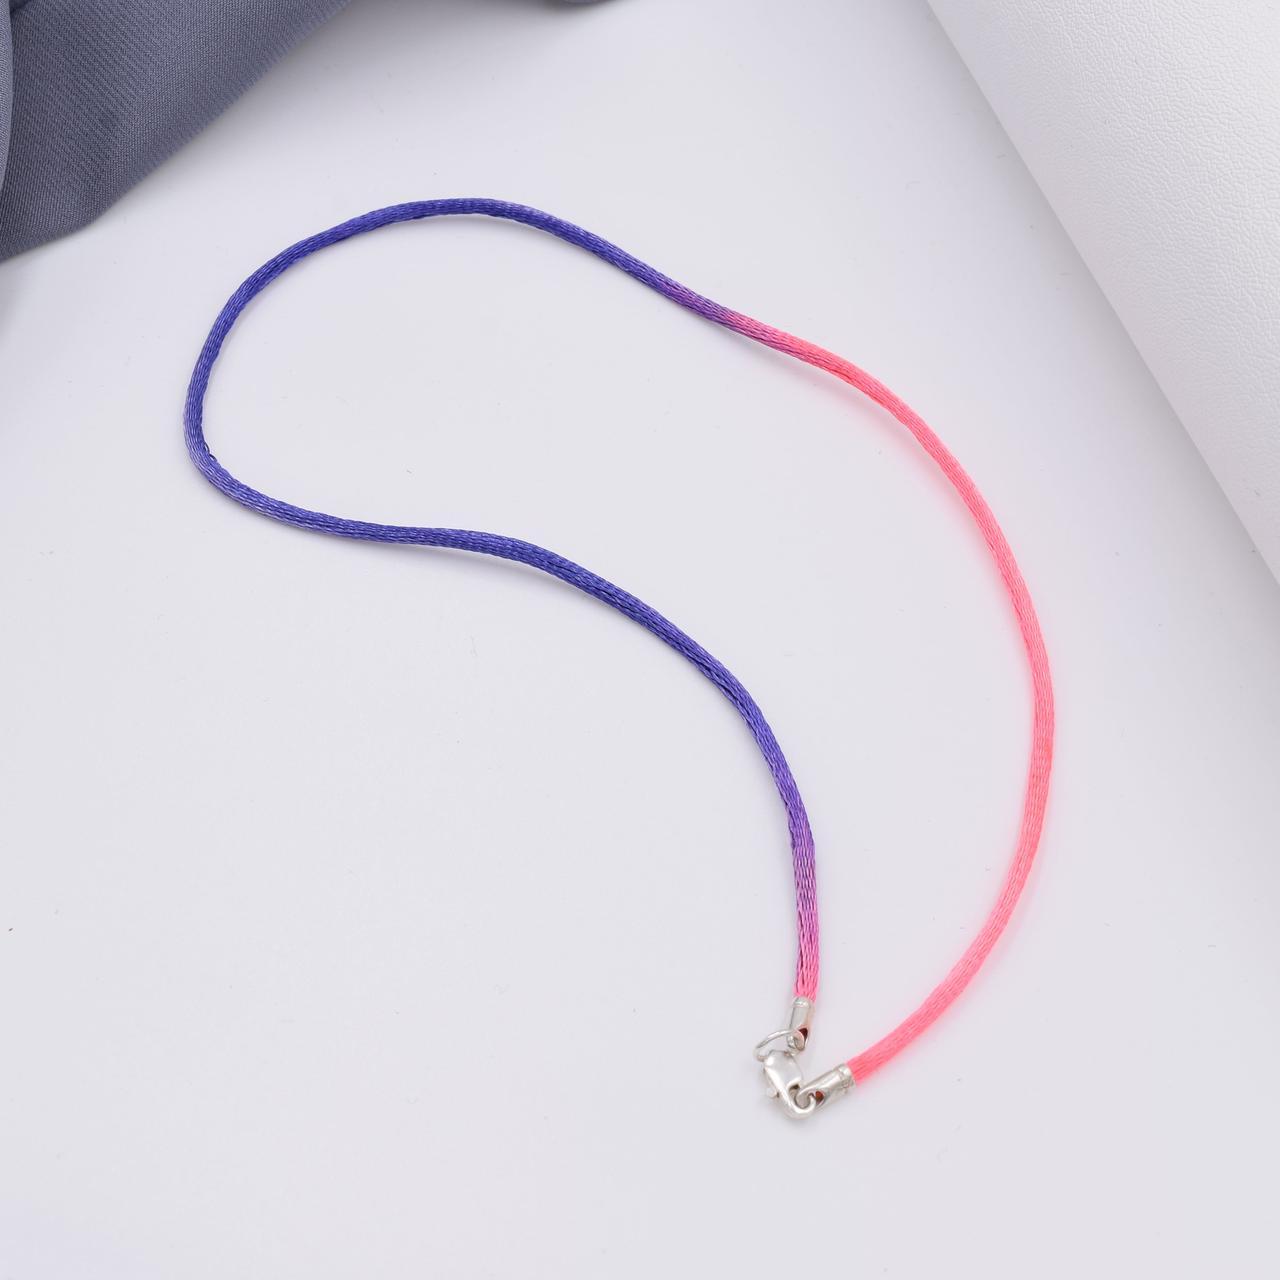 Шнурок шелковый цвет розово-фиолетовый длина 40 см ширина 2 мм вес серебра 0.7 г